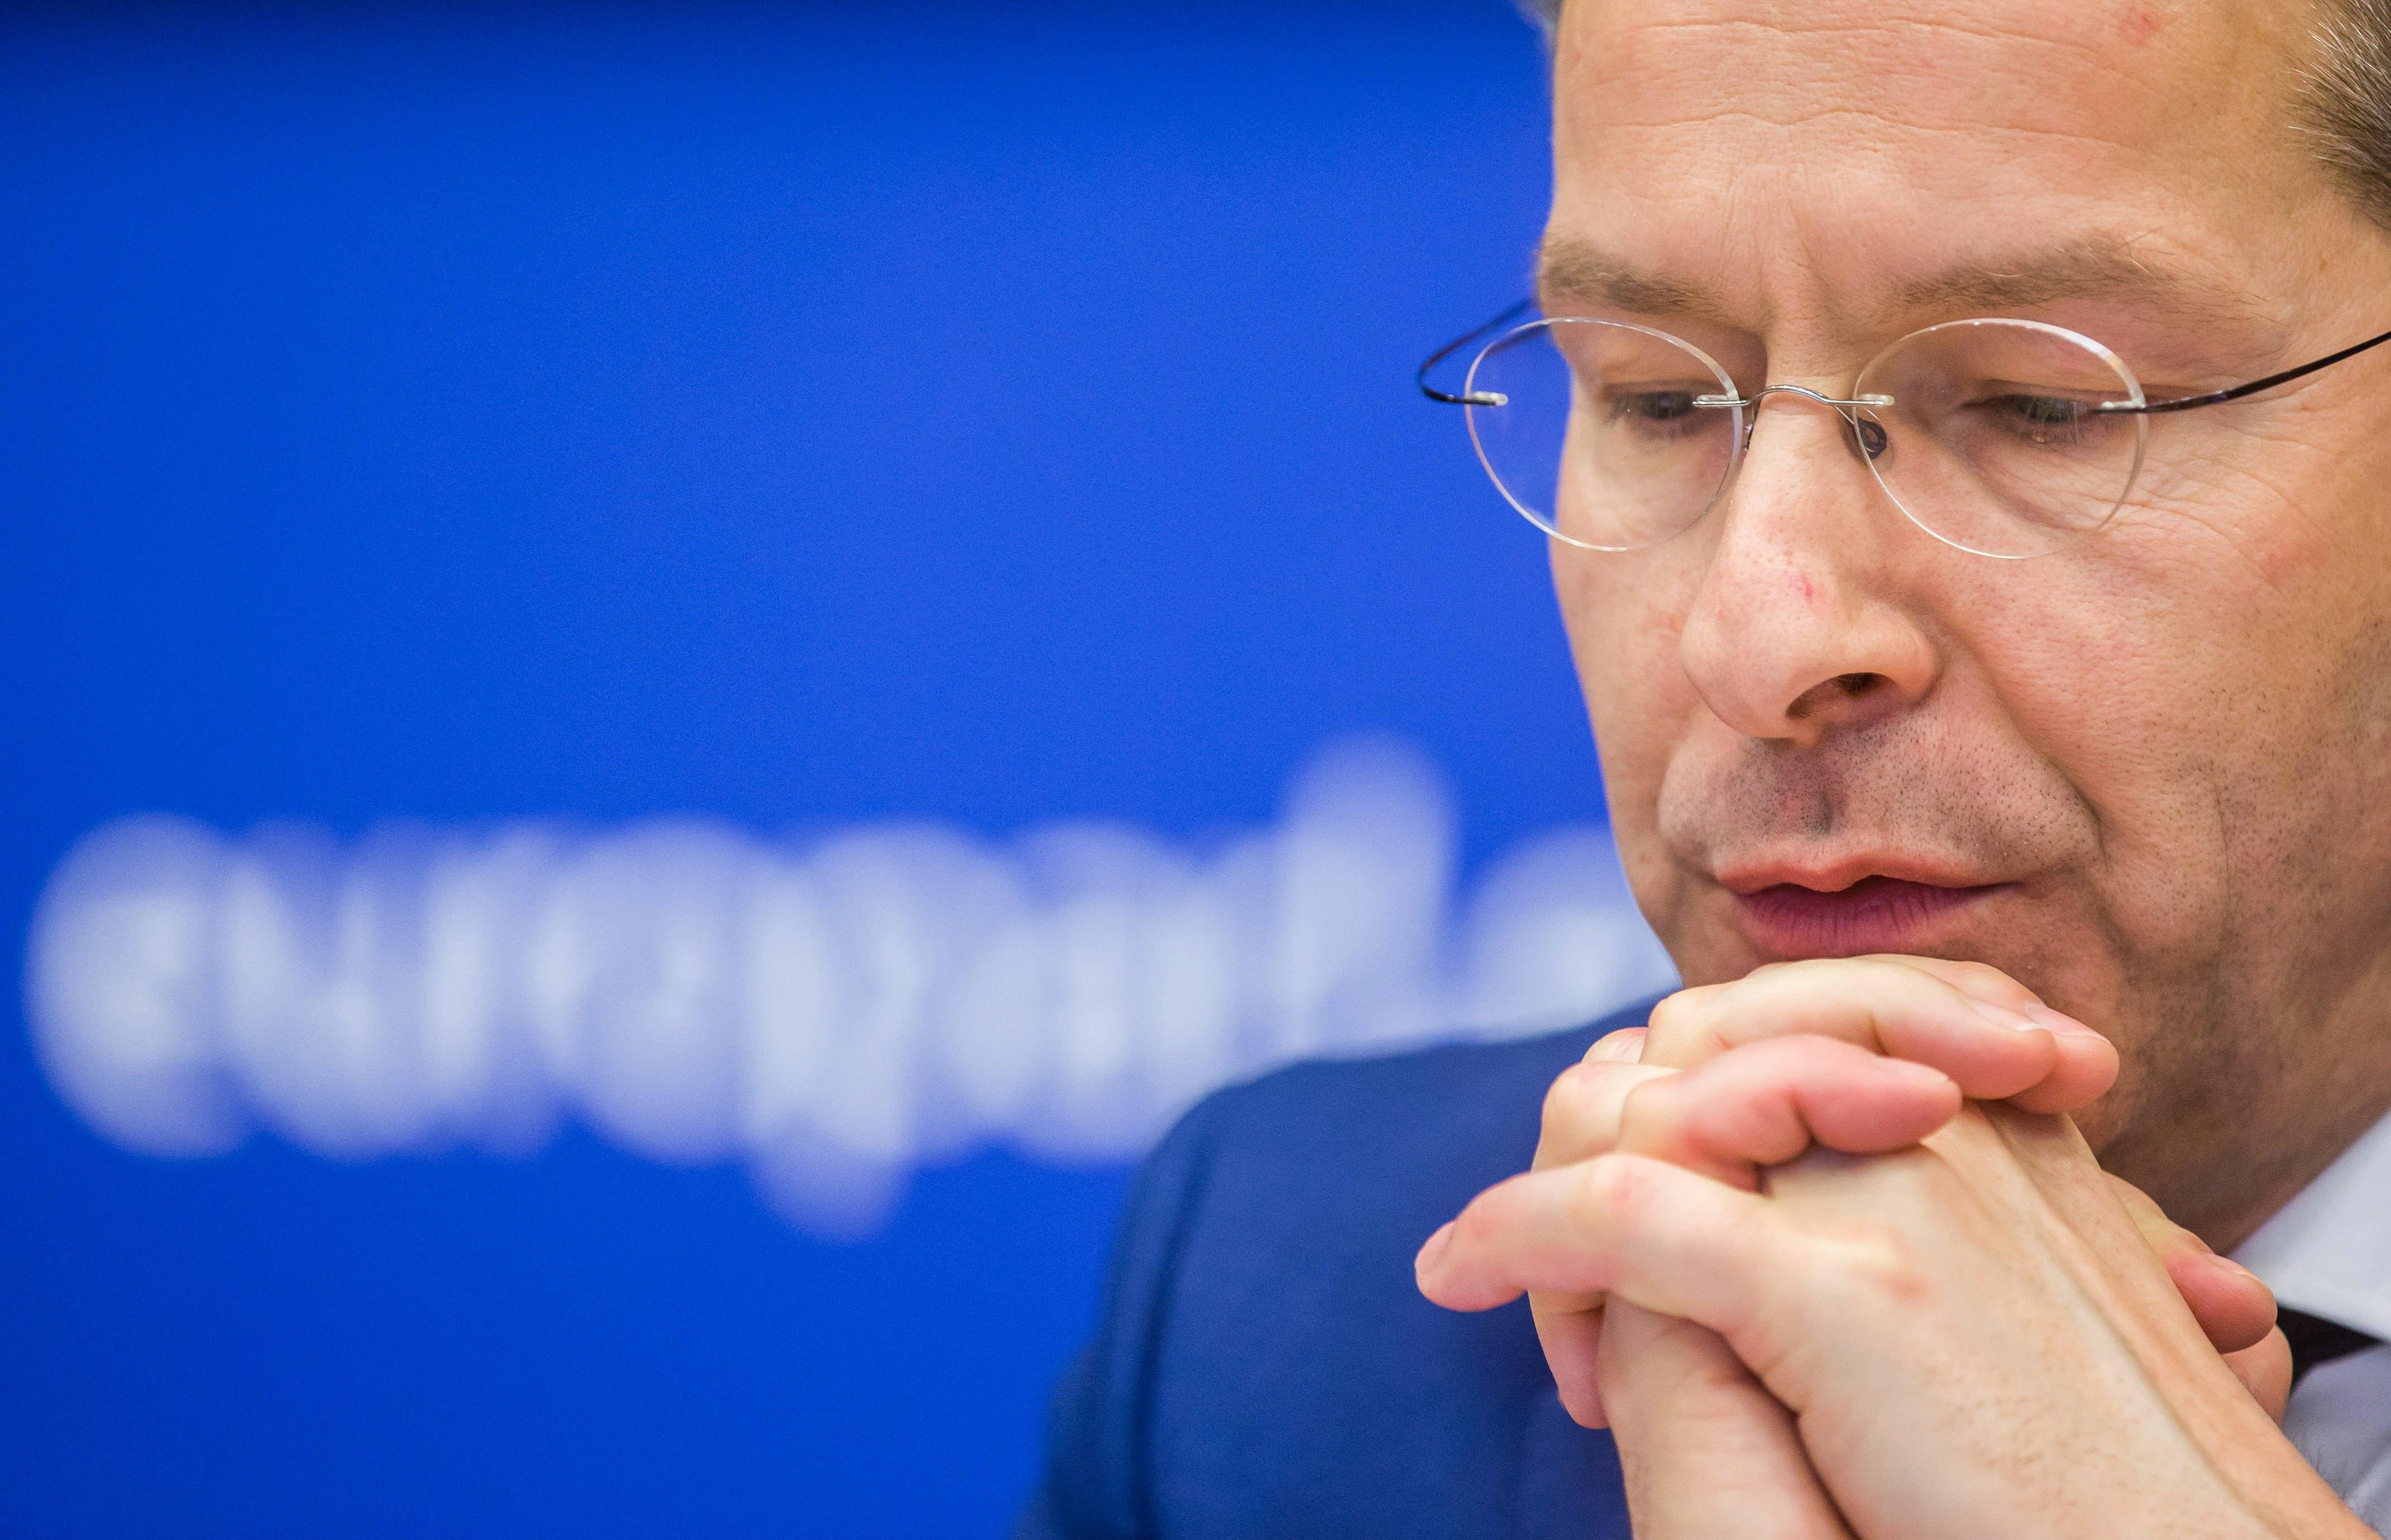 Βέμπερ: Καλεί Ντάισελμπλουμ να παραιτηθεί από την προεδρία του Eurogroup   tovima.gr